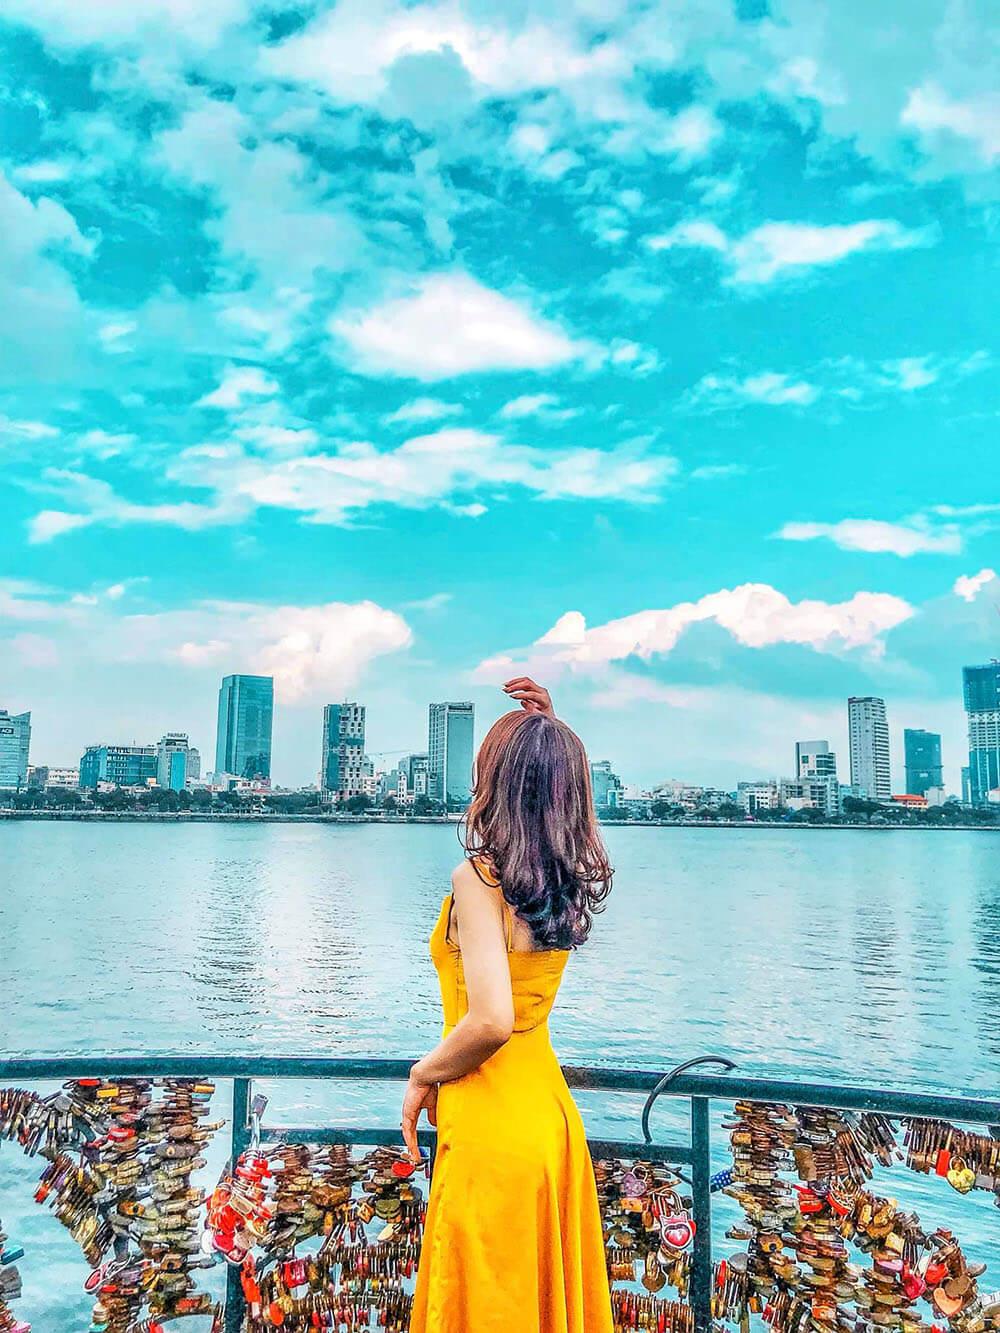 Cau Tinh Yeu Danang Review Chill Cung Chuyen Du Lich Da Nang Hoi An 3n2d 04